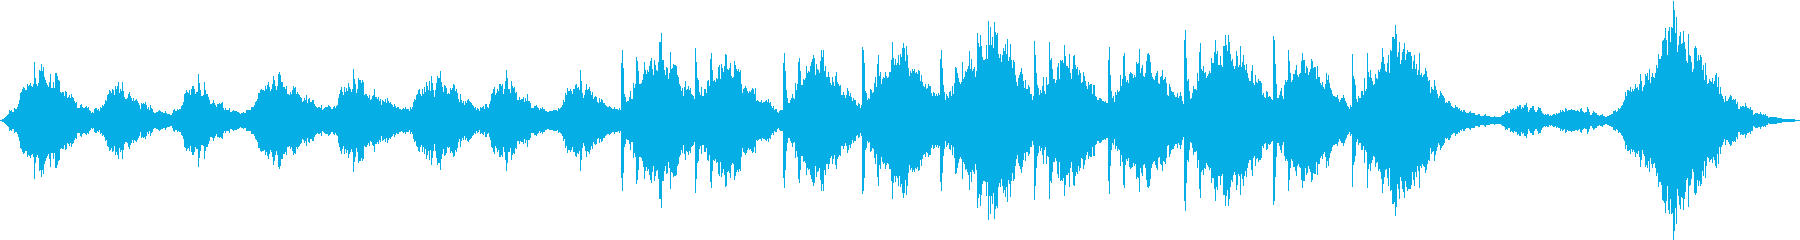 【ホラー系】何かいる。。。みたいなBGMの再生済みの波形